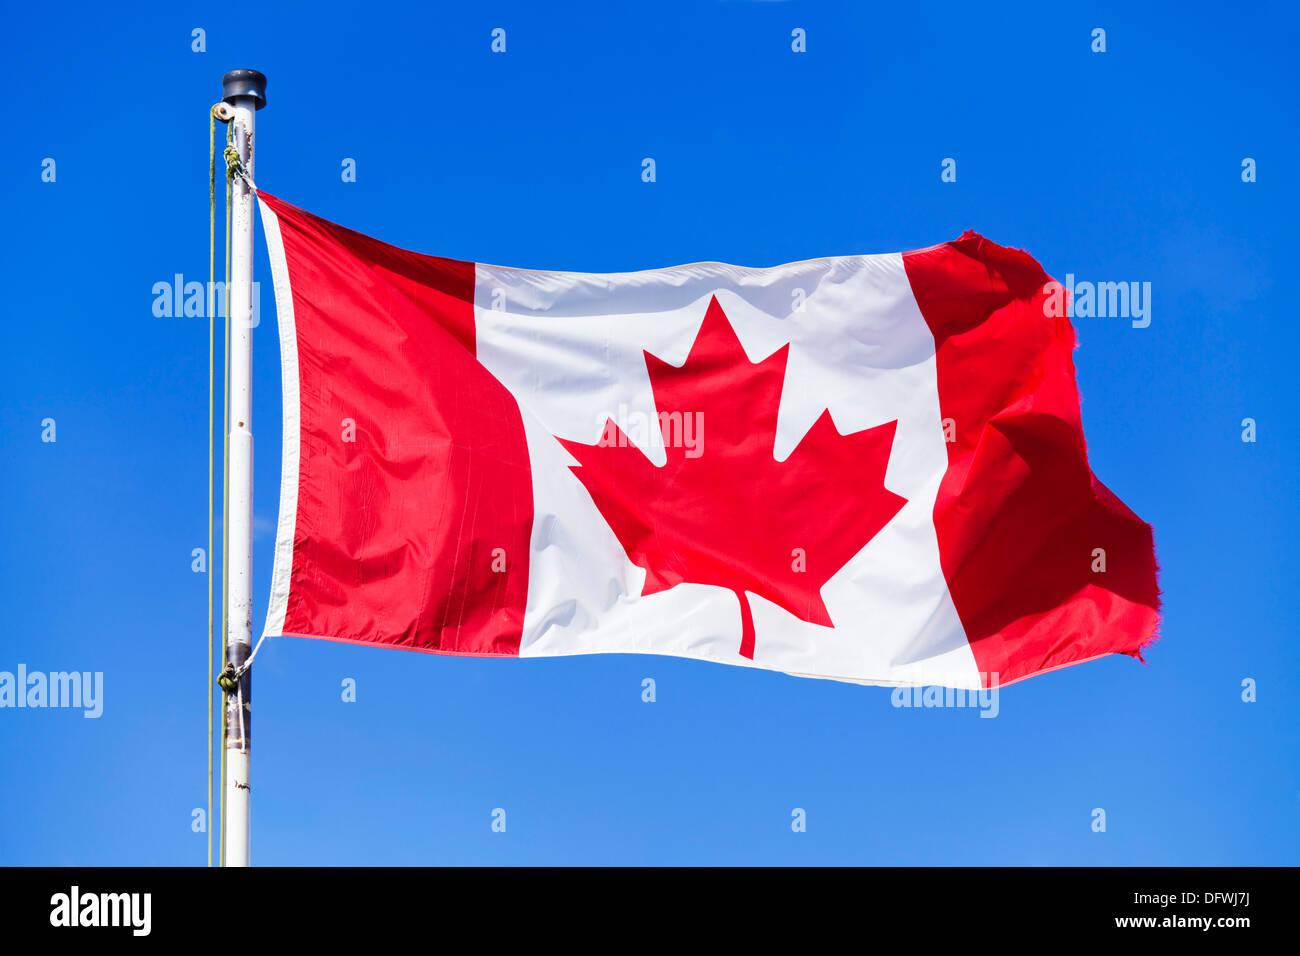 Kanadische Flagge auf einem Fahnenmast vor blauem Himmel Hintergrund keine Wolken canadian Rocky Mountains Kanada Stockbild